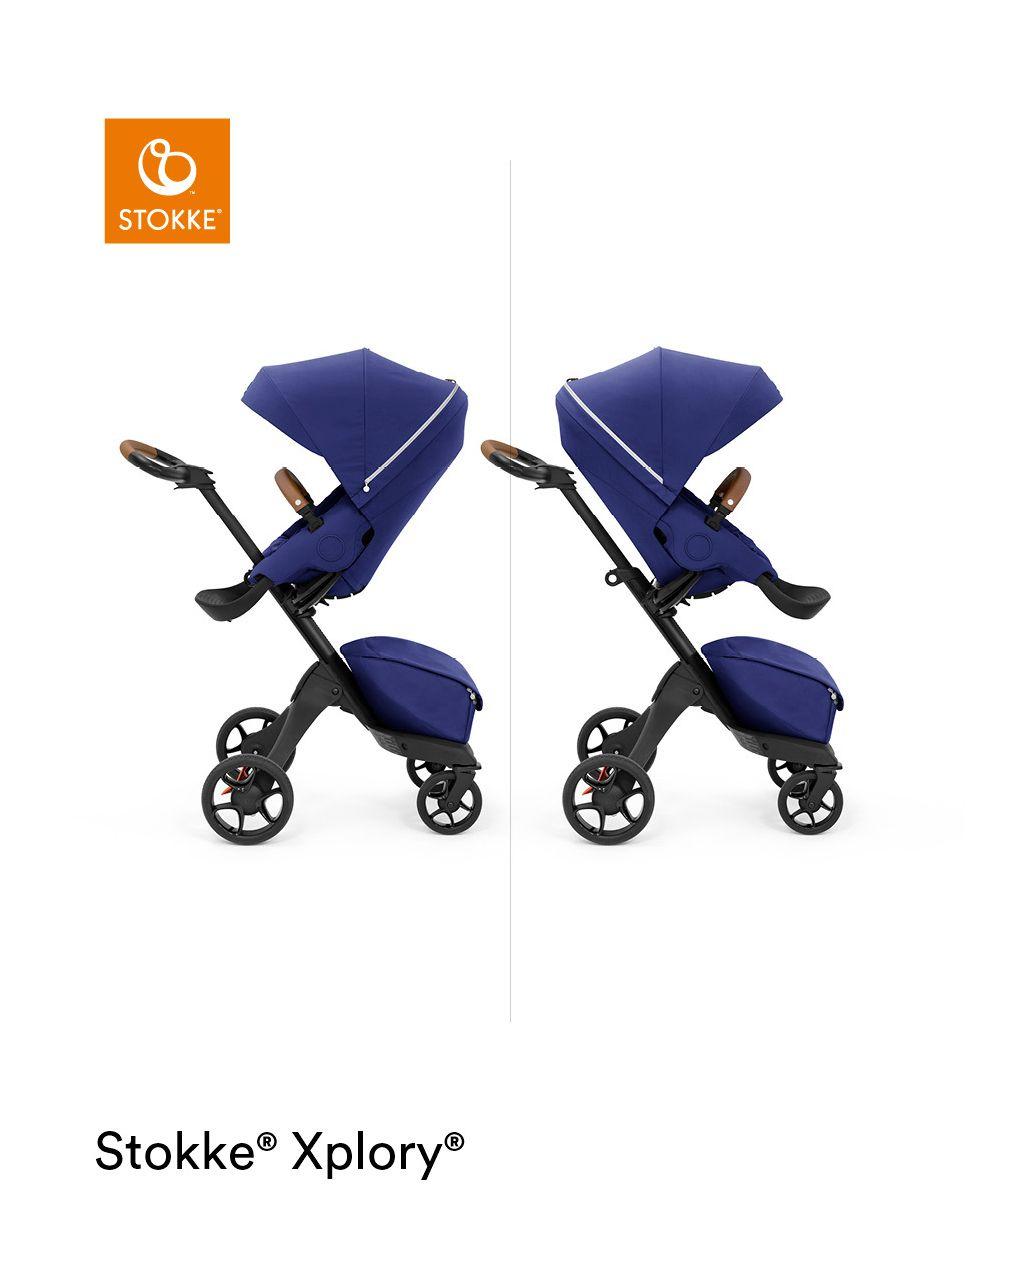 Stokke®  xplory® x design unico per avvicinarti al tuo bambino - Stokke